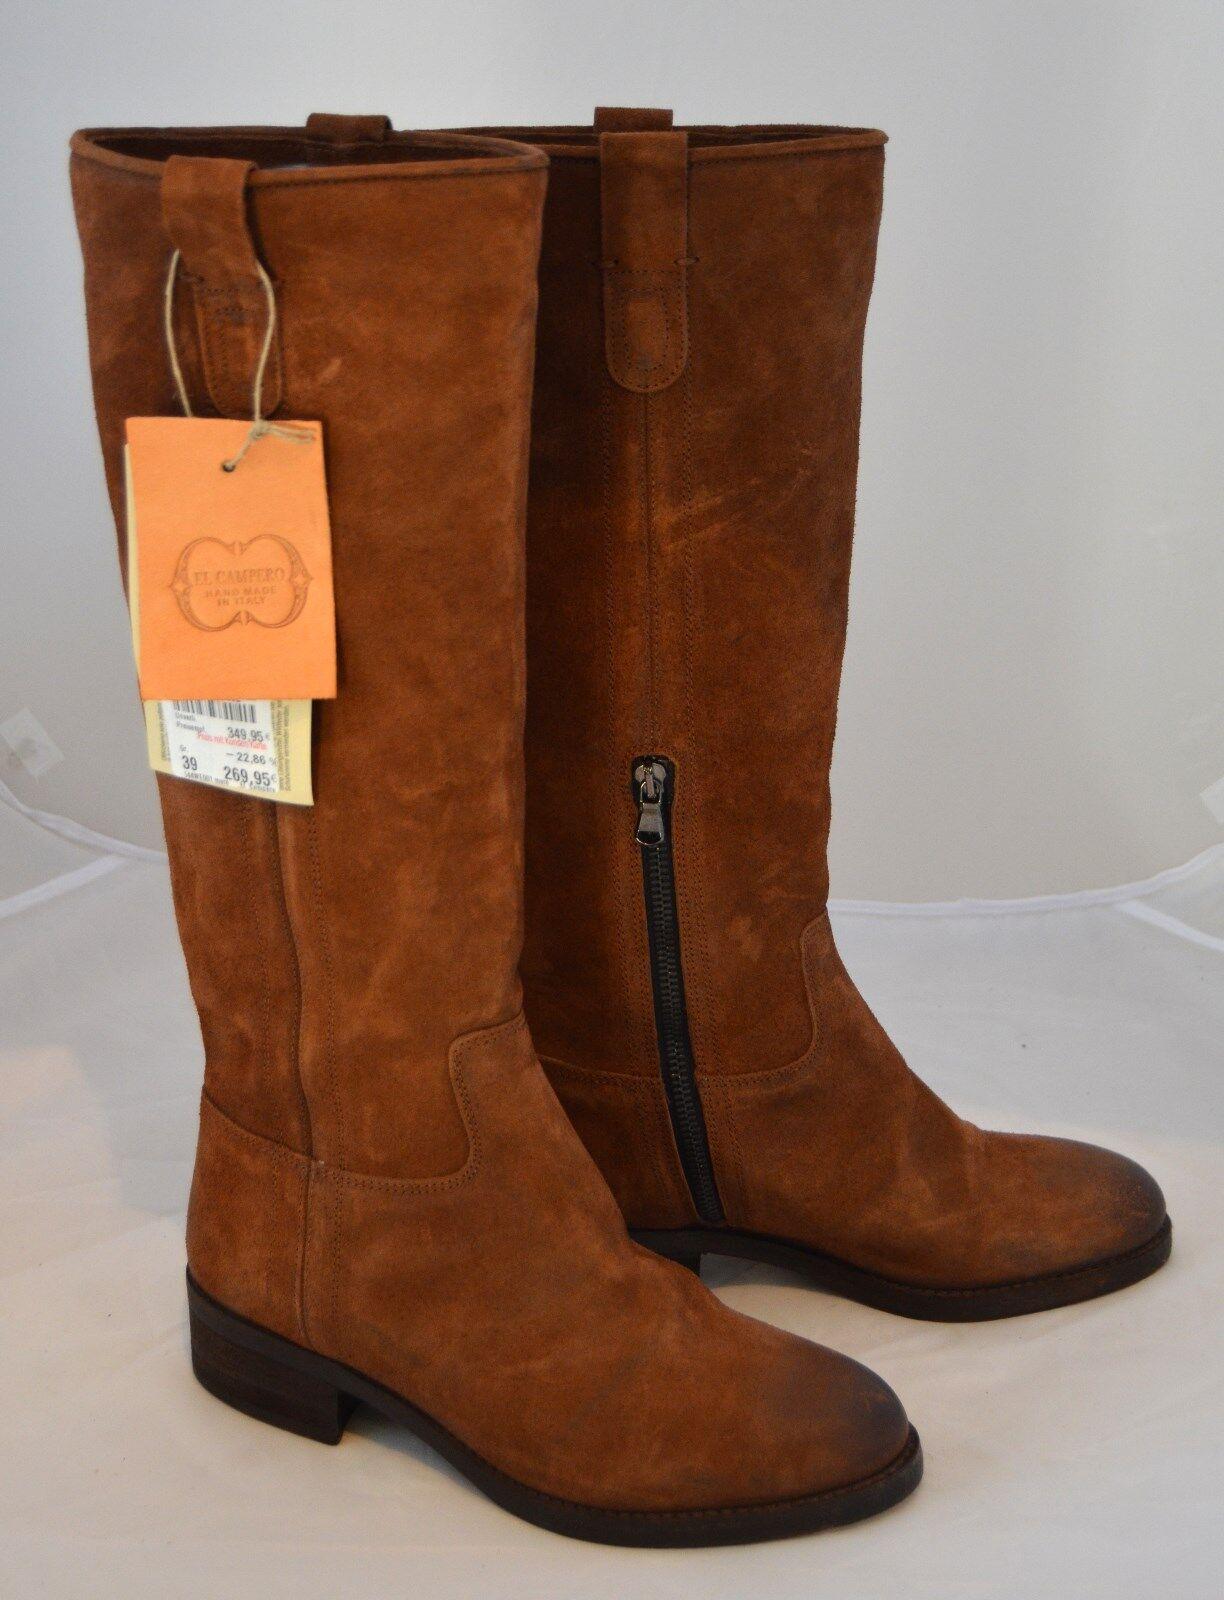 El campero botas made in cuero italy % Braun cuero in 349 euro cosidos c4bb74